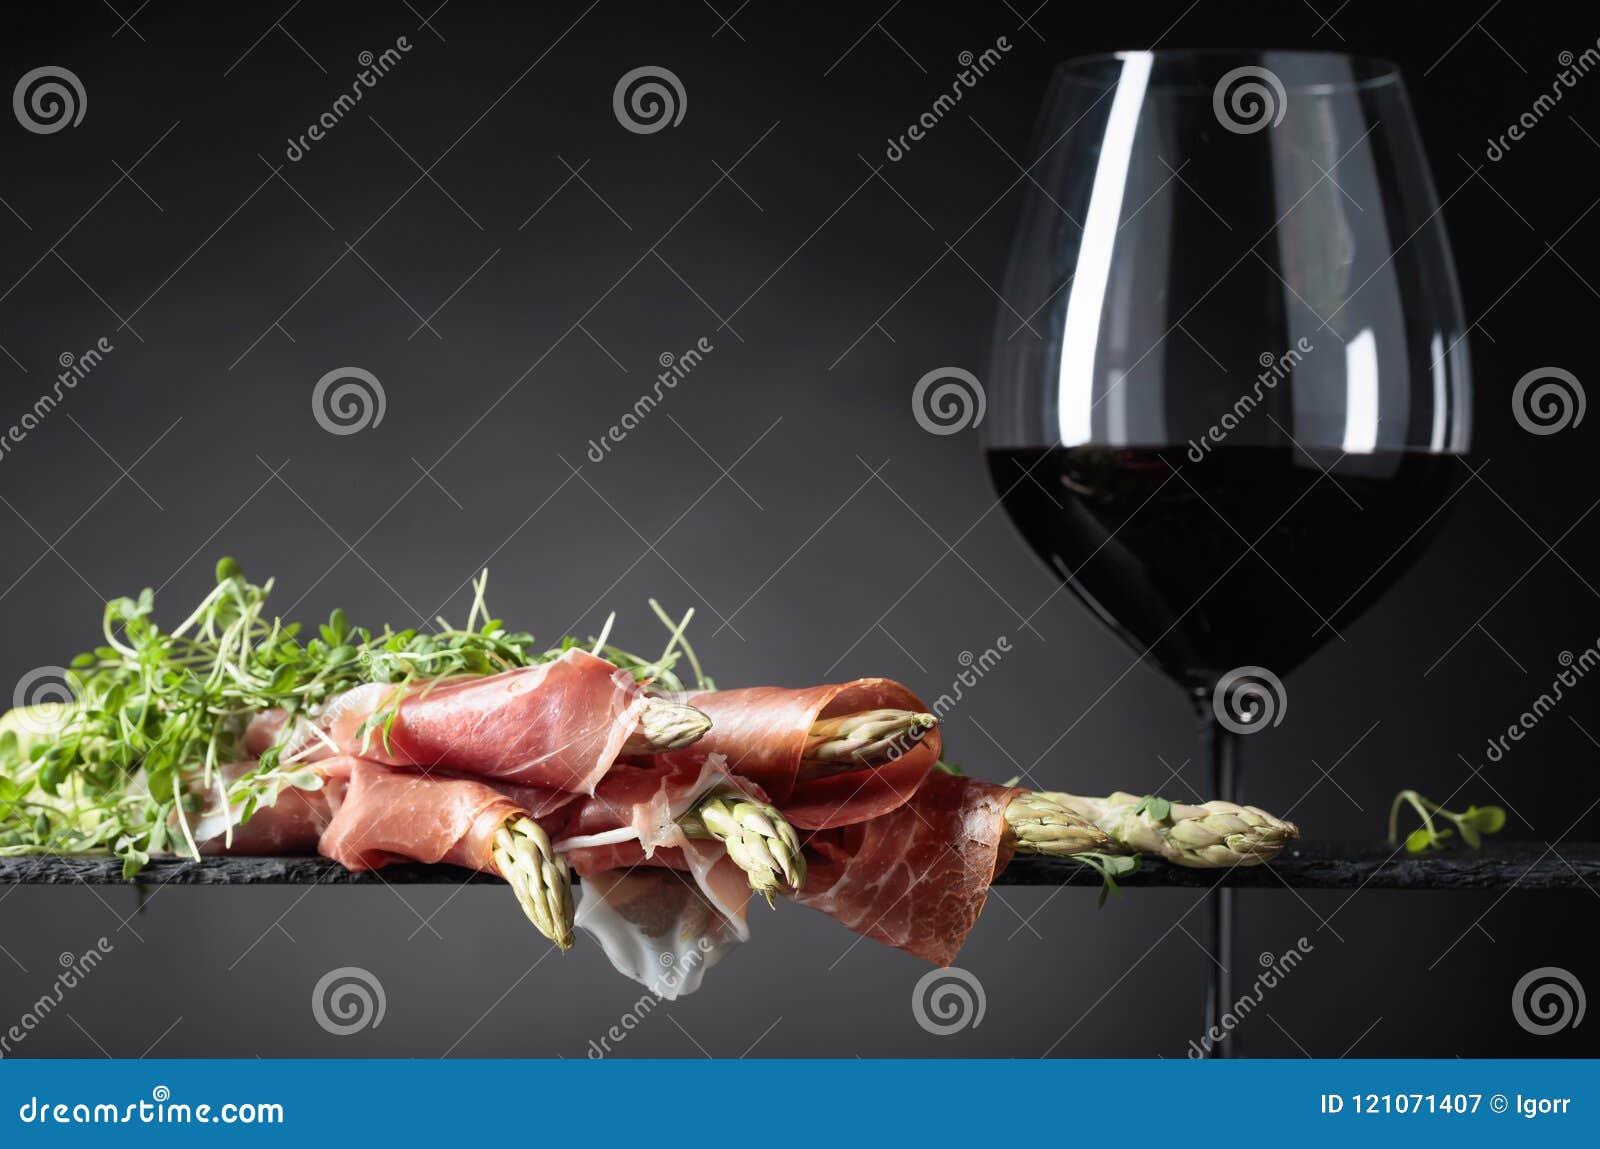 Spargel eingewickelt im Prosciutto mit Rotwein